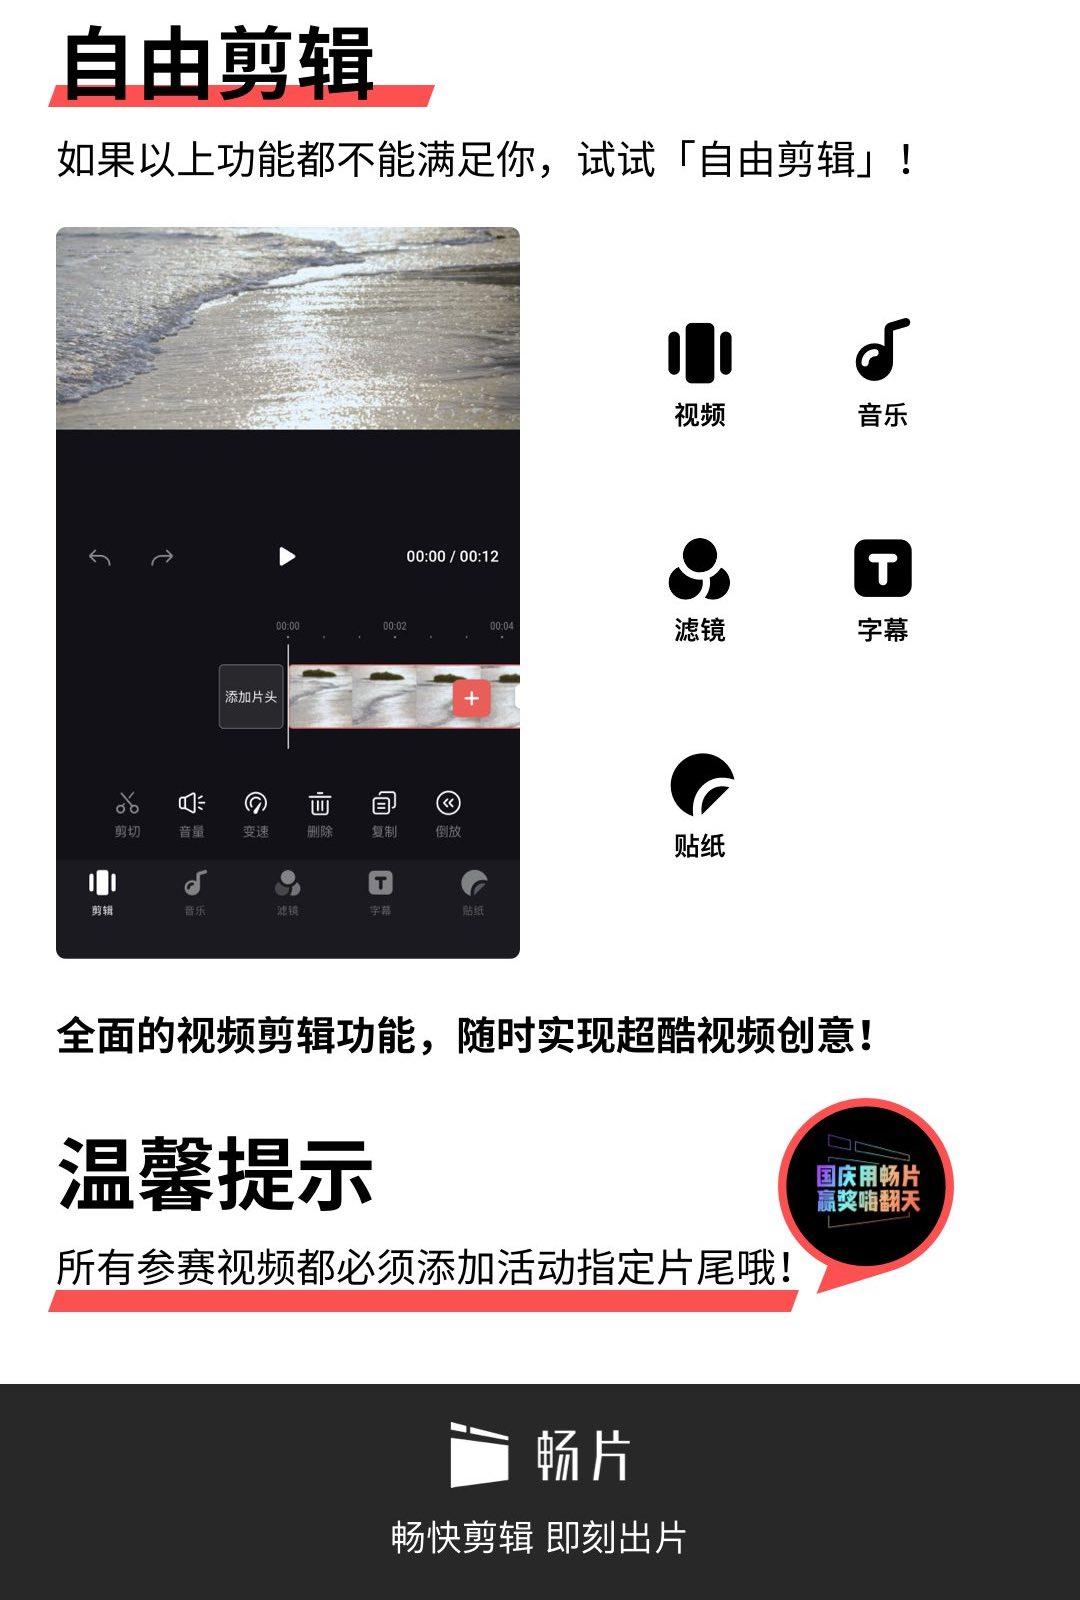 4畅片使用指南 2.jpg